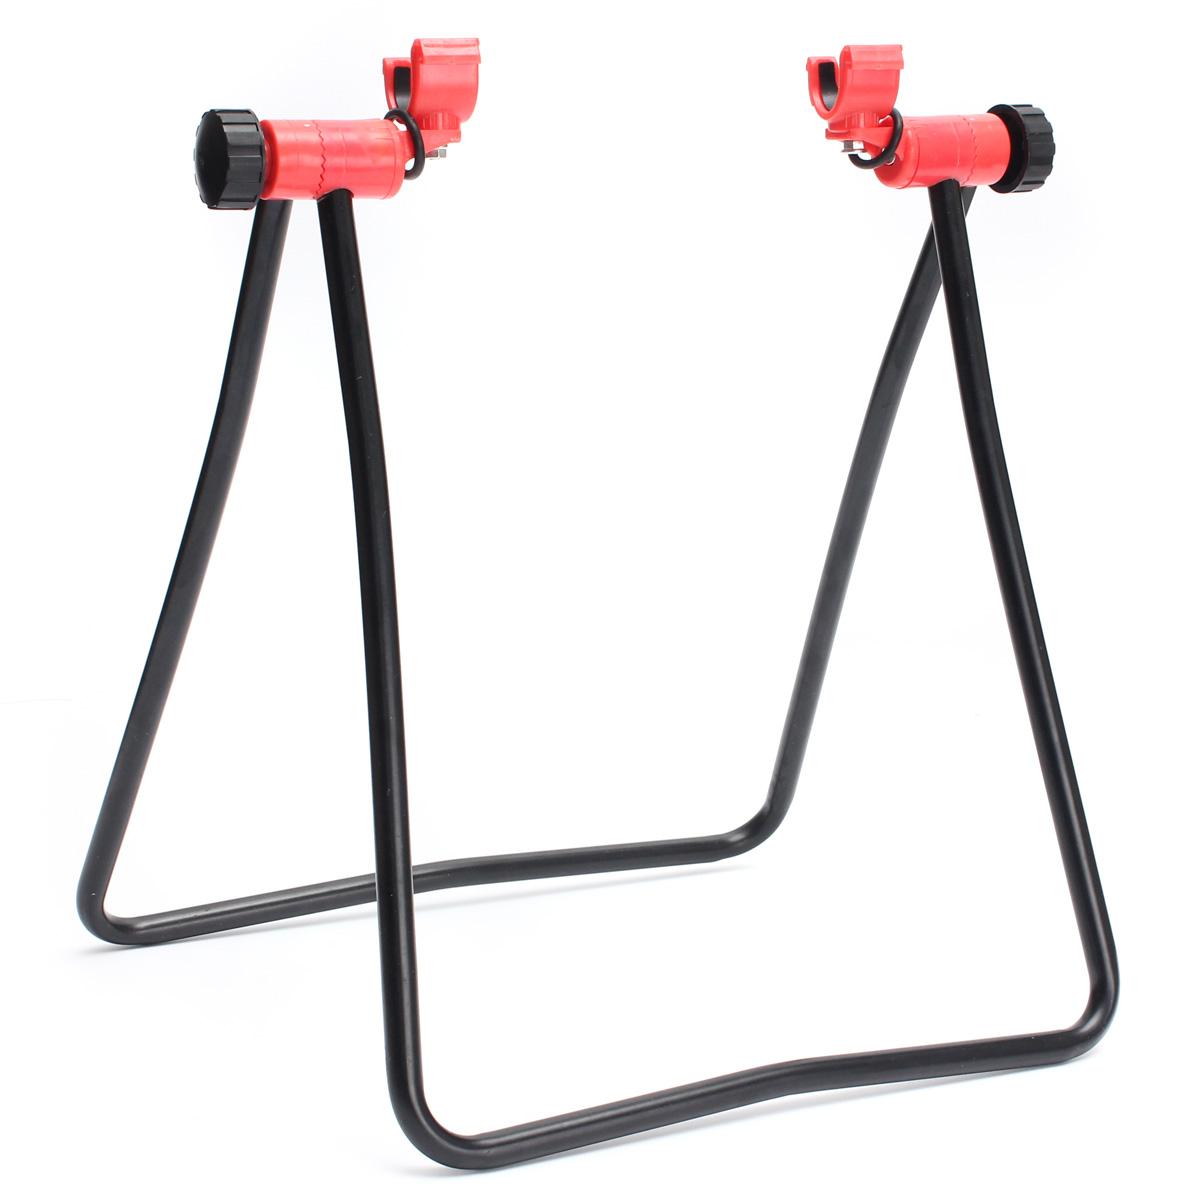 Велосипед стоять парковки подставка foldind колесо подставка для стойки регулируемые - фото 4